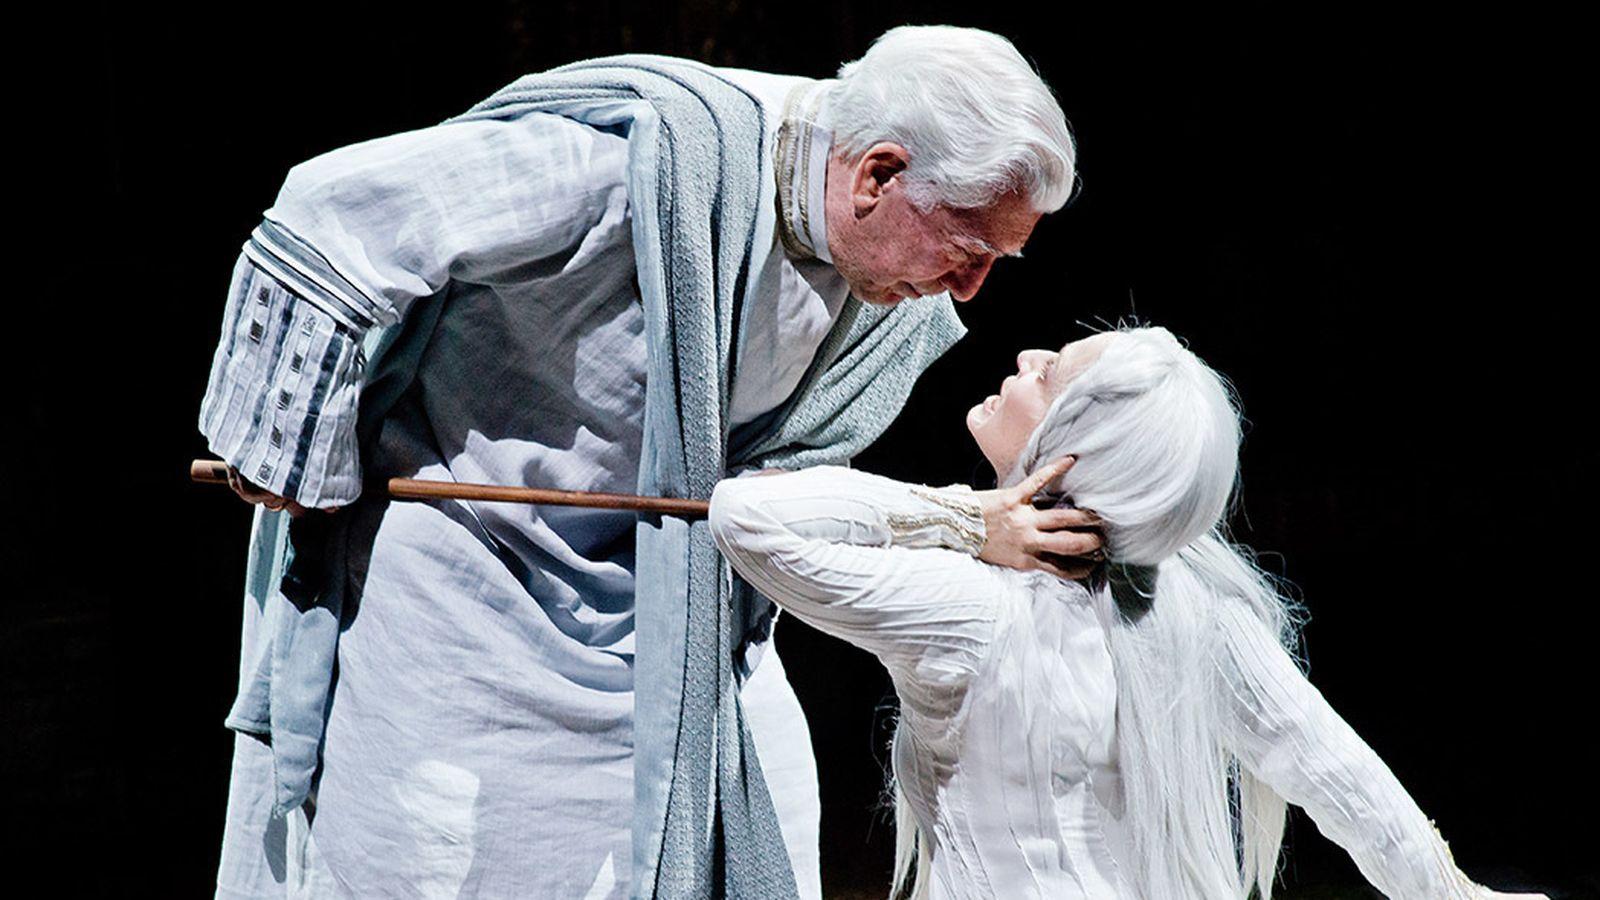 Foto: Mario Vargas Llosa y Aitana Sánchez-Gijón protagonizaron 'Los cuentos de la peste'.